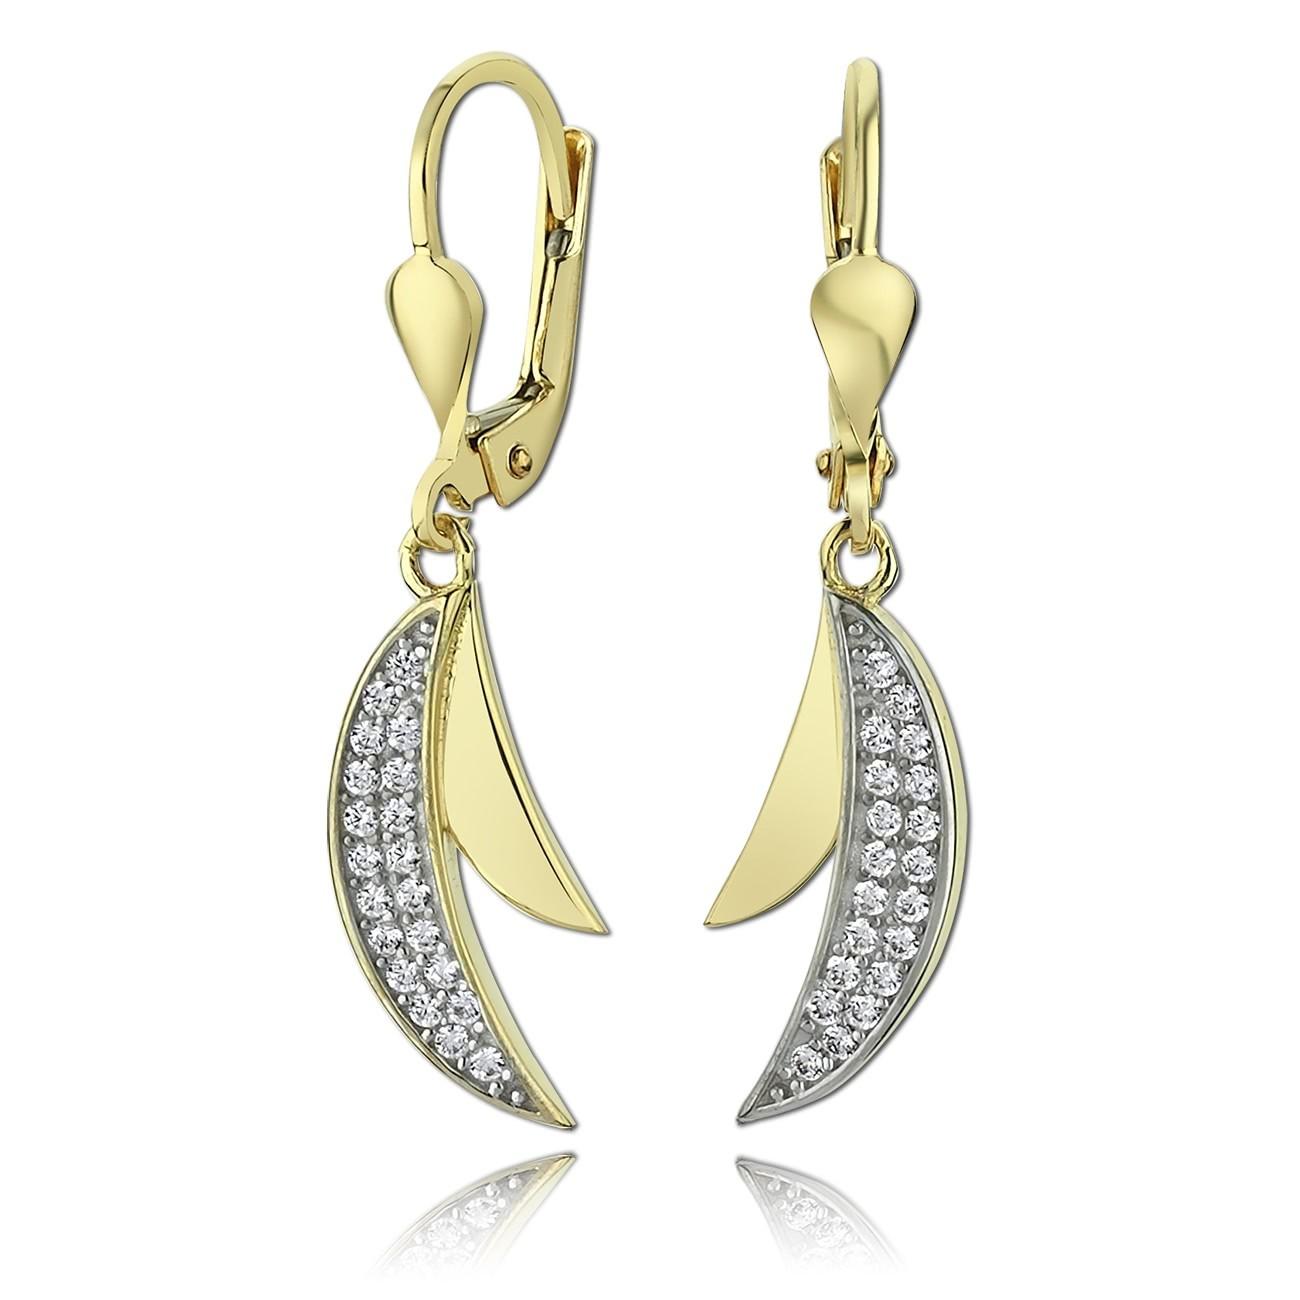 Balia Damen Ohrhänger aus 333 Gelbgold mit Zirkonia BGO0014GW